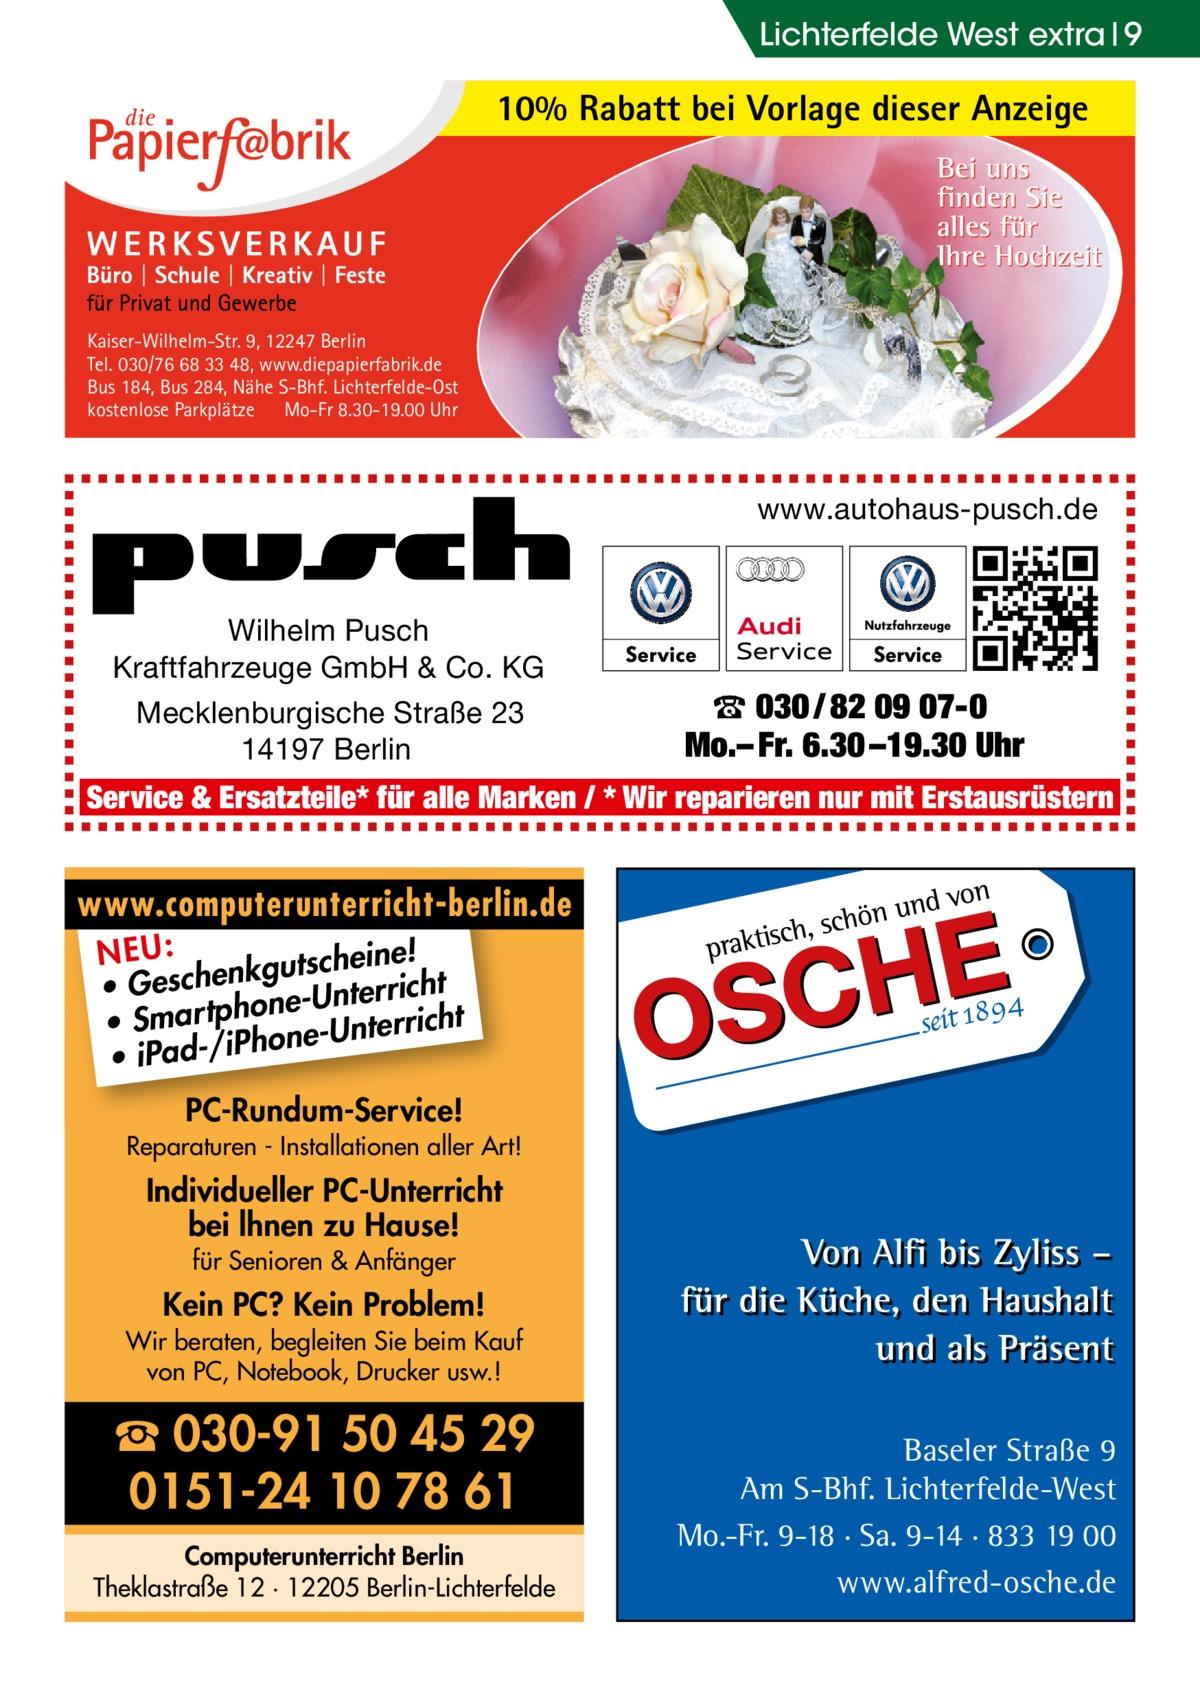 Lichterfelde West extra 9  10% Rabatt bei Vorlage dieser Anzeige  Kaiser-Wilhelm-Str. 9, 12247 Berlin Tel. 030/76 68 33 48, www.diepapierfabrik.de Bus 184, Bus 284, Nähe S-Bhf. Lichterfelde-Ost kostenlose Parkplätze Mo-Fr 8.30-19.00 Uhr  www.autohaus-pusch.de  Wilhelm Pusch Kraftfahrzeuge GmbH & Co. KG Mecklenburgische Straße 23 14197 Berlin  ☎ 030 / 82 09 07-0 Mo.– Fr. 6.30 –19.30 Uhr  Service & Ersatzteile* für alle Marken / * Wir reparieren nur mit Erstausrüstern  www.computerunterricht-berlin.de e! NEU: kgutschein • Geschen ne-Unterricht o • Smar tph one-Unterricht h • iPad-/iP PC-Rundum-Service! Reparaturen - Installationen aller Art!  Individueller PC-Unterricht bei lhnen zu Hause! für Senioren & Anfänger  Kein PC? Kein Problem! Wir beraten, begleiten Sie beim Kauf von PC, Notebook, Drucker usw.!  ☎ 030-91 50 45 29 0151-24 10 78 61 Computerunterricht Berlin Theklastraße 12 · 12205 Berlin-Lichterfelde  Baseler Straße 9 Am S-Bhf. Lichterfelde-West Mo.-Fr. 9-18 · Sa. 9-14 · 833 19 00 www.alfred-osche.de